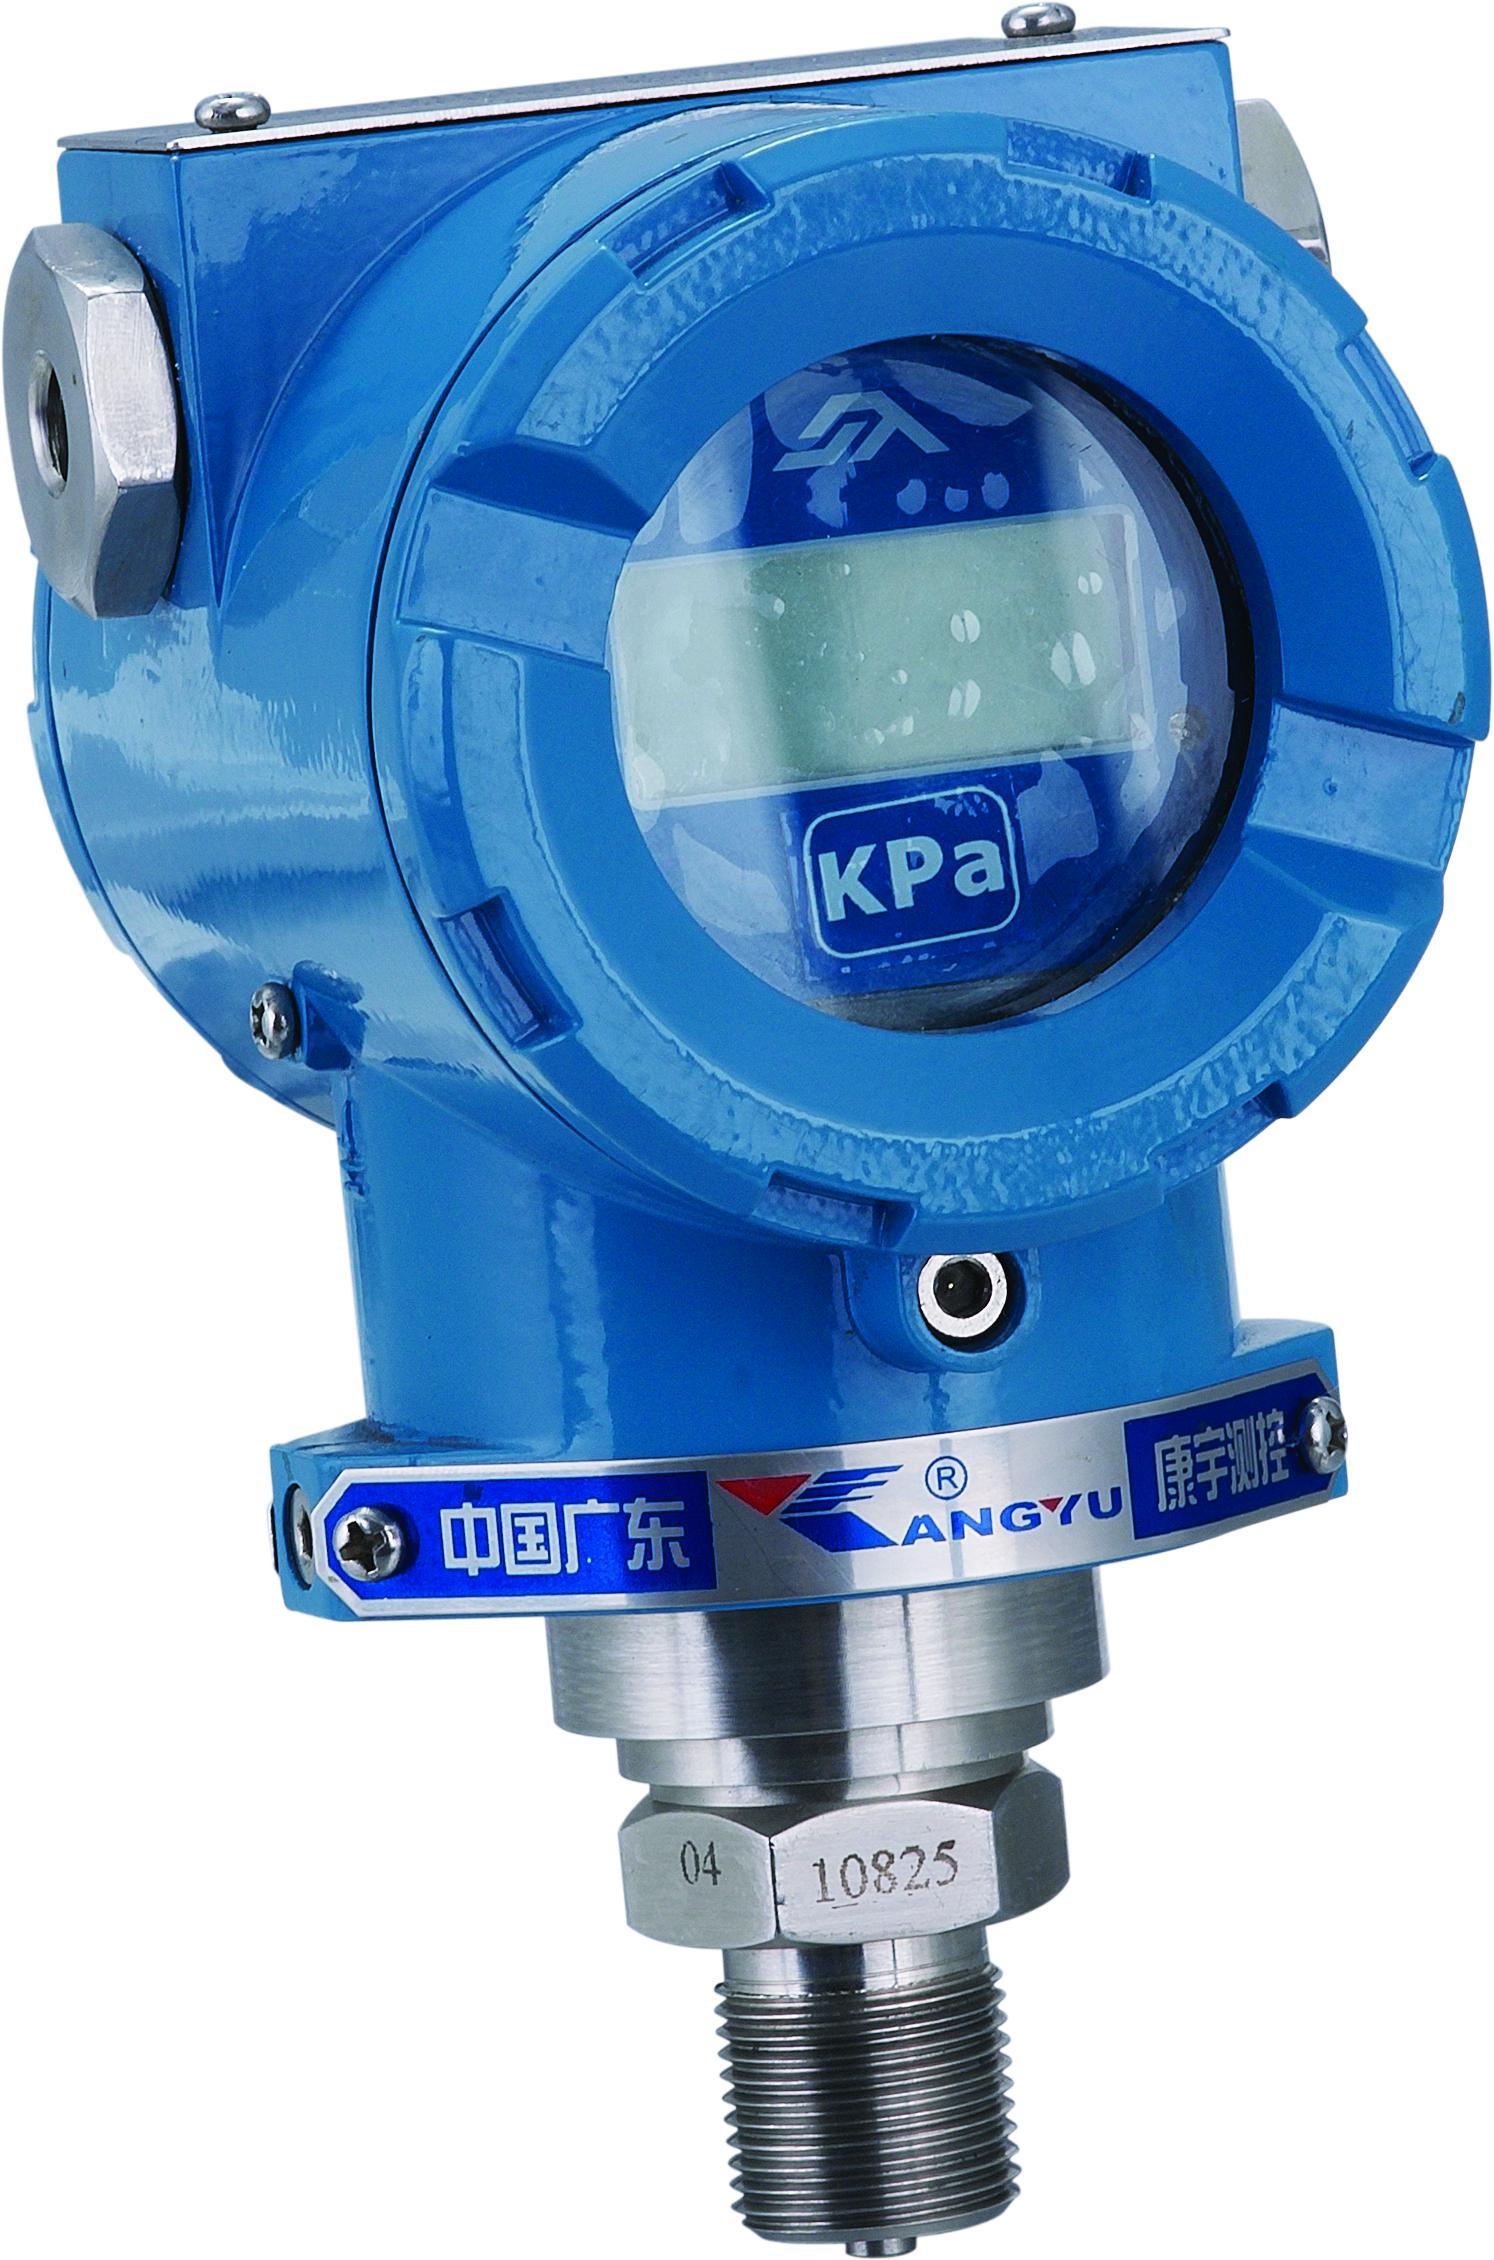 压力开关压力控制器多少钱 创造辉煌 武汉康宇通达测控仪表供应